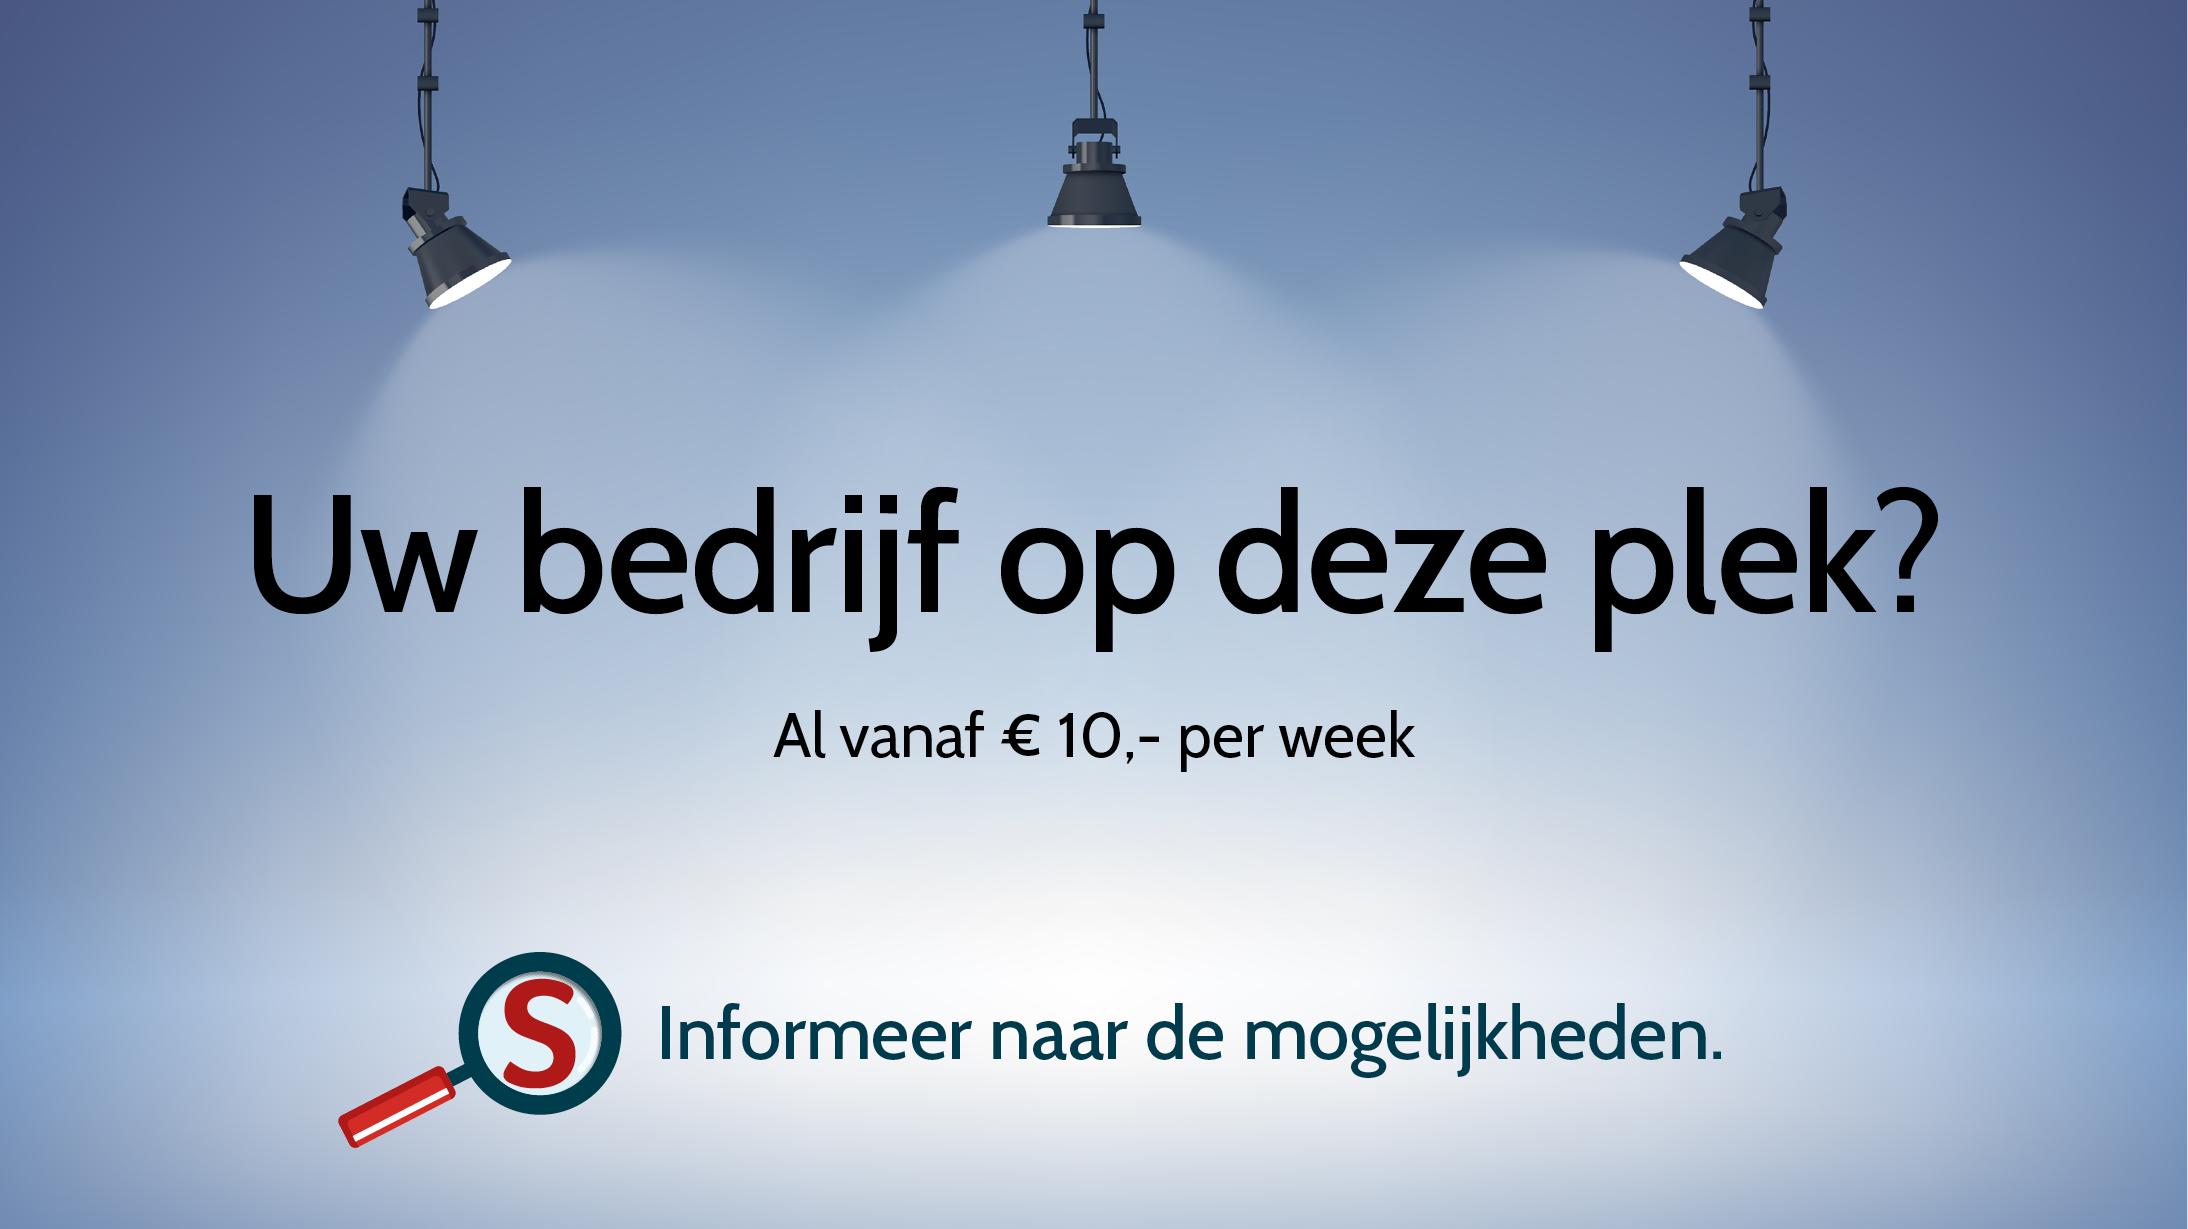 Homepagebanner Ad